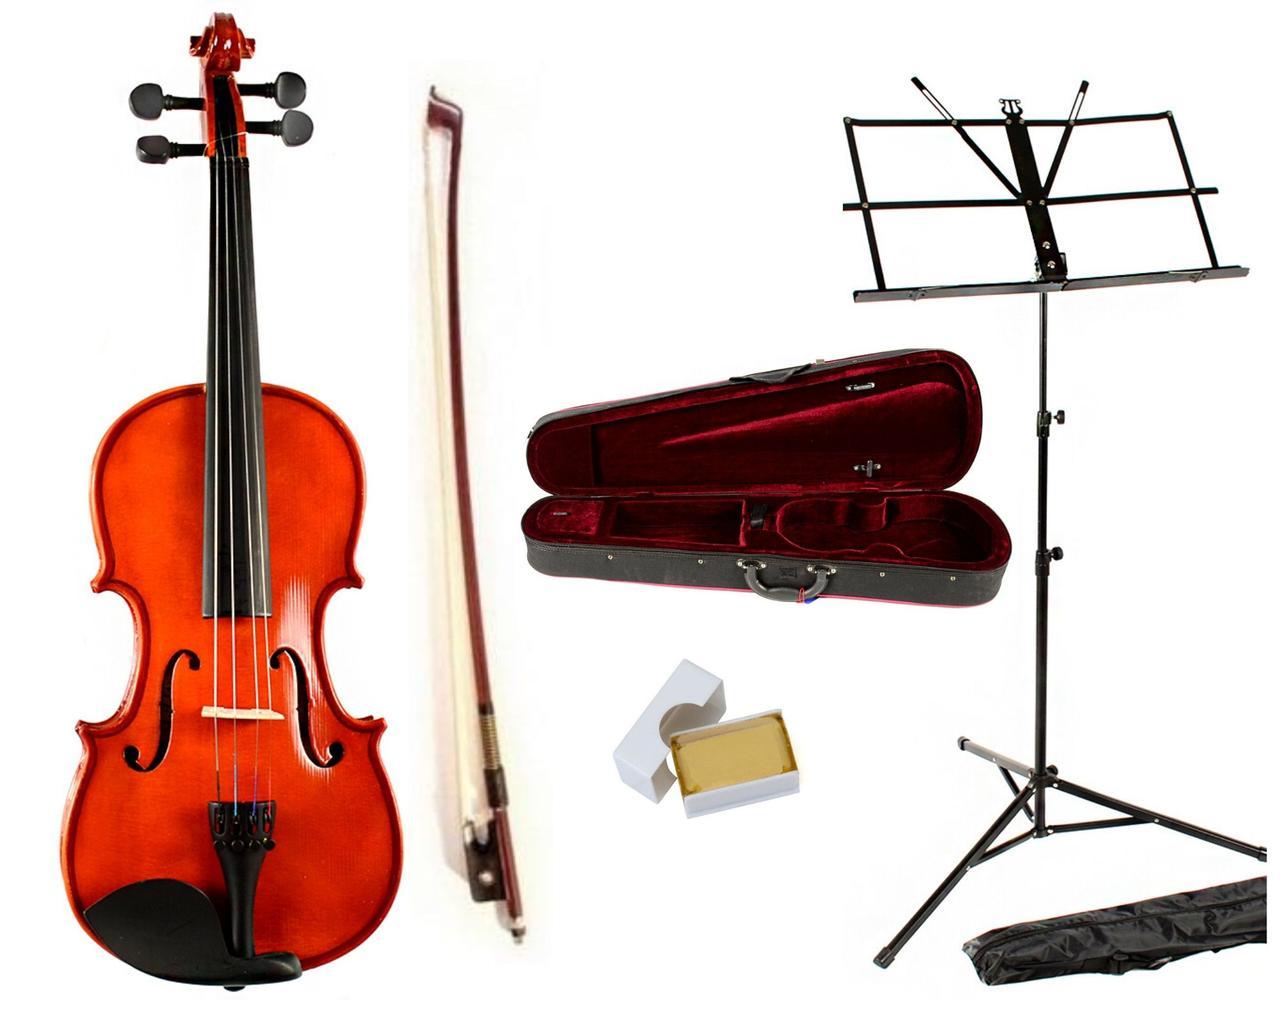 Скрипка Rafaga AC+ пюпітр, учнівський набір